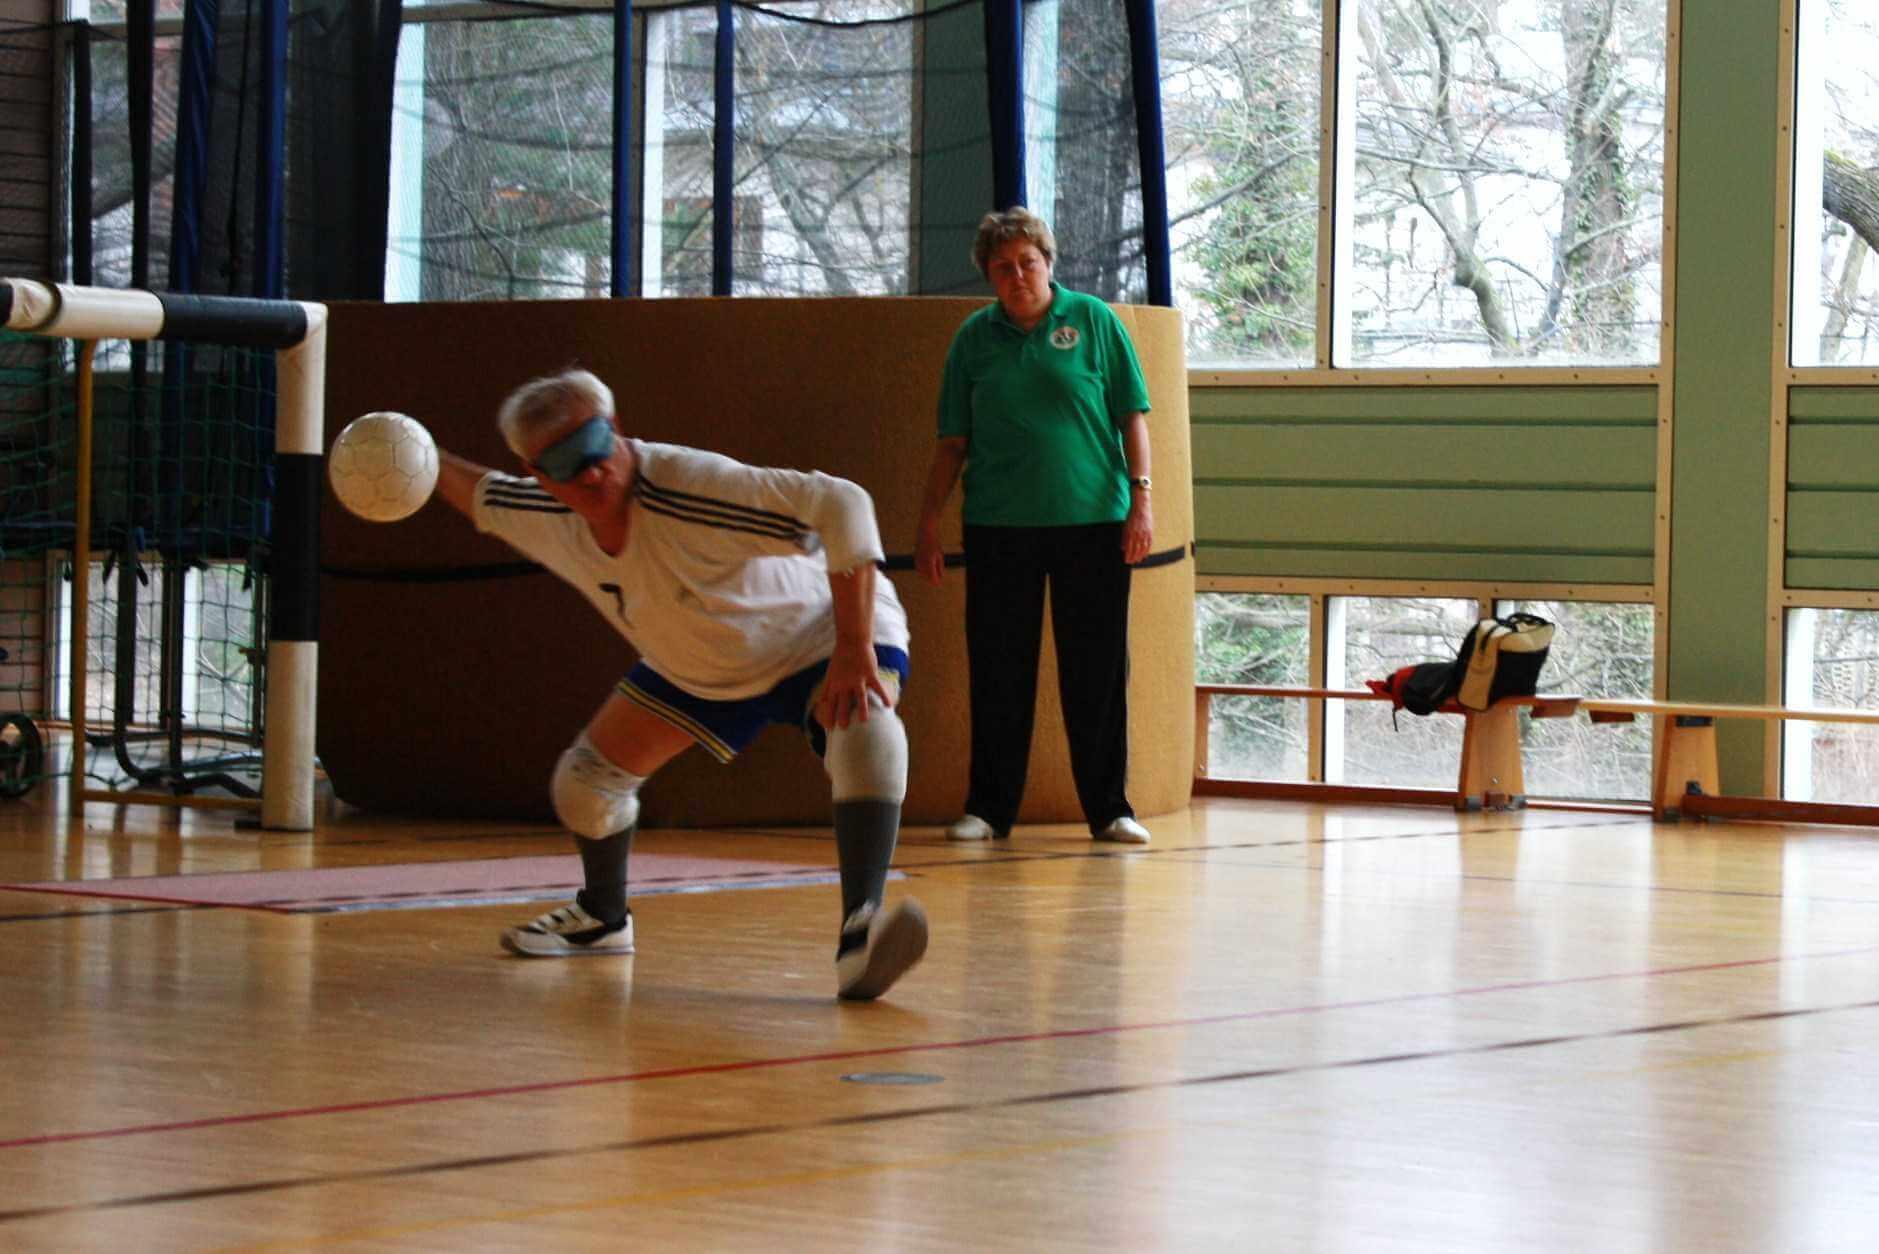 Jubiläums-Torball-Turnier mit Live-Übertragung in Steglitz